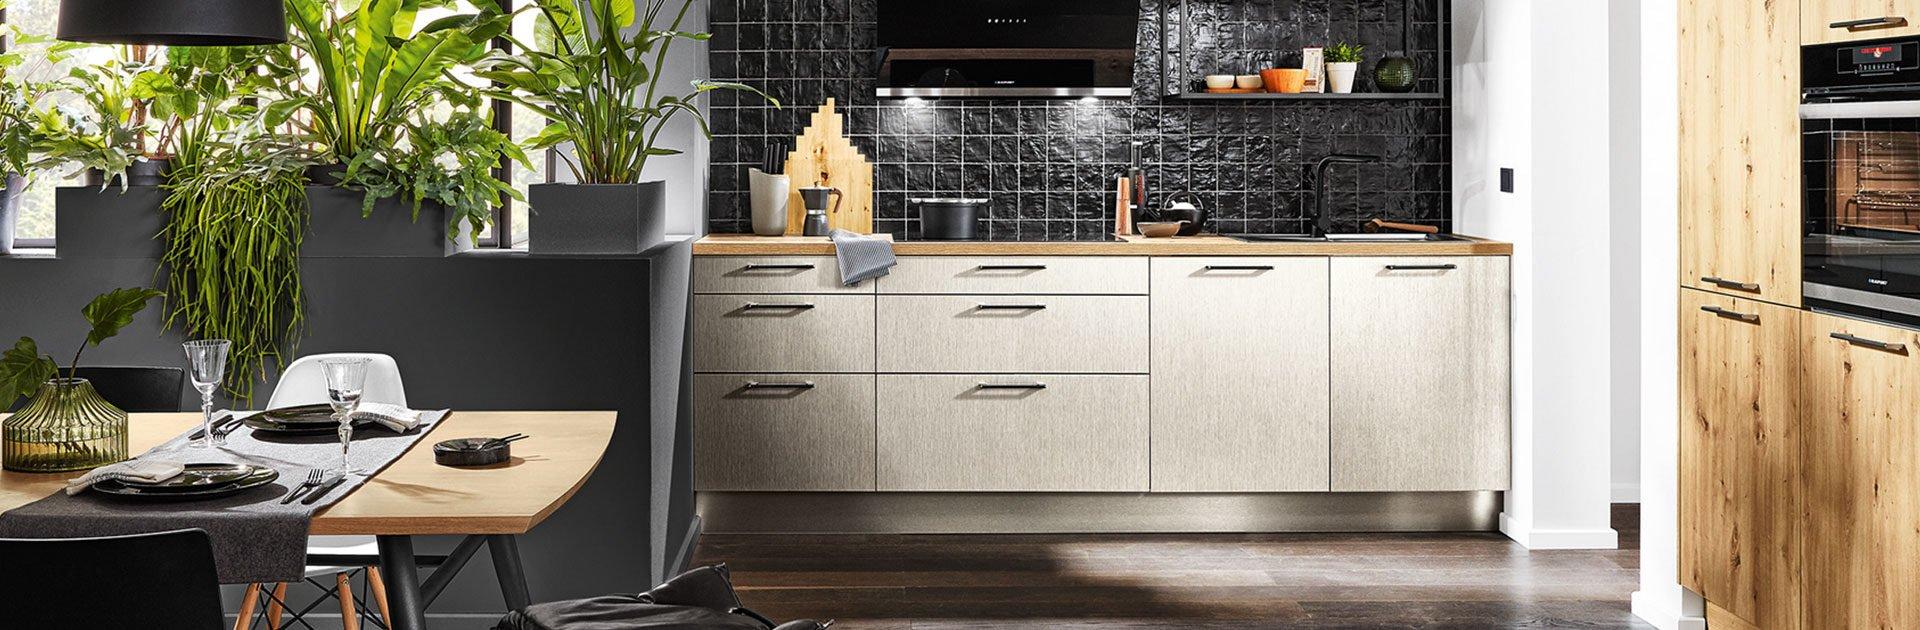 Keukeninspiratie woonkeuken inspiratie | Satink Keukens